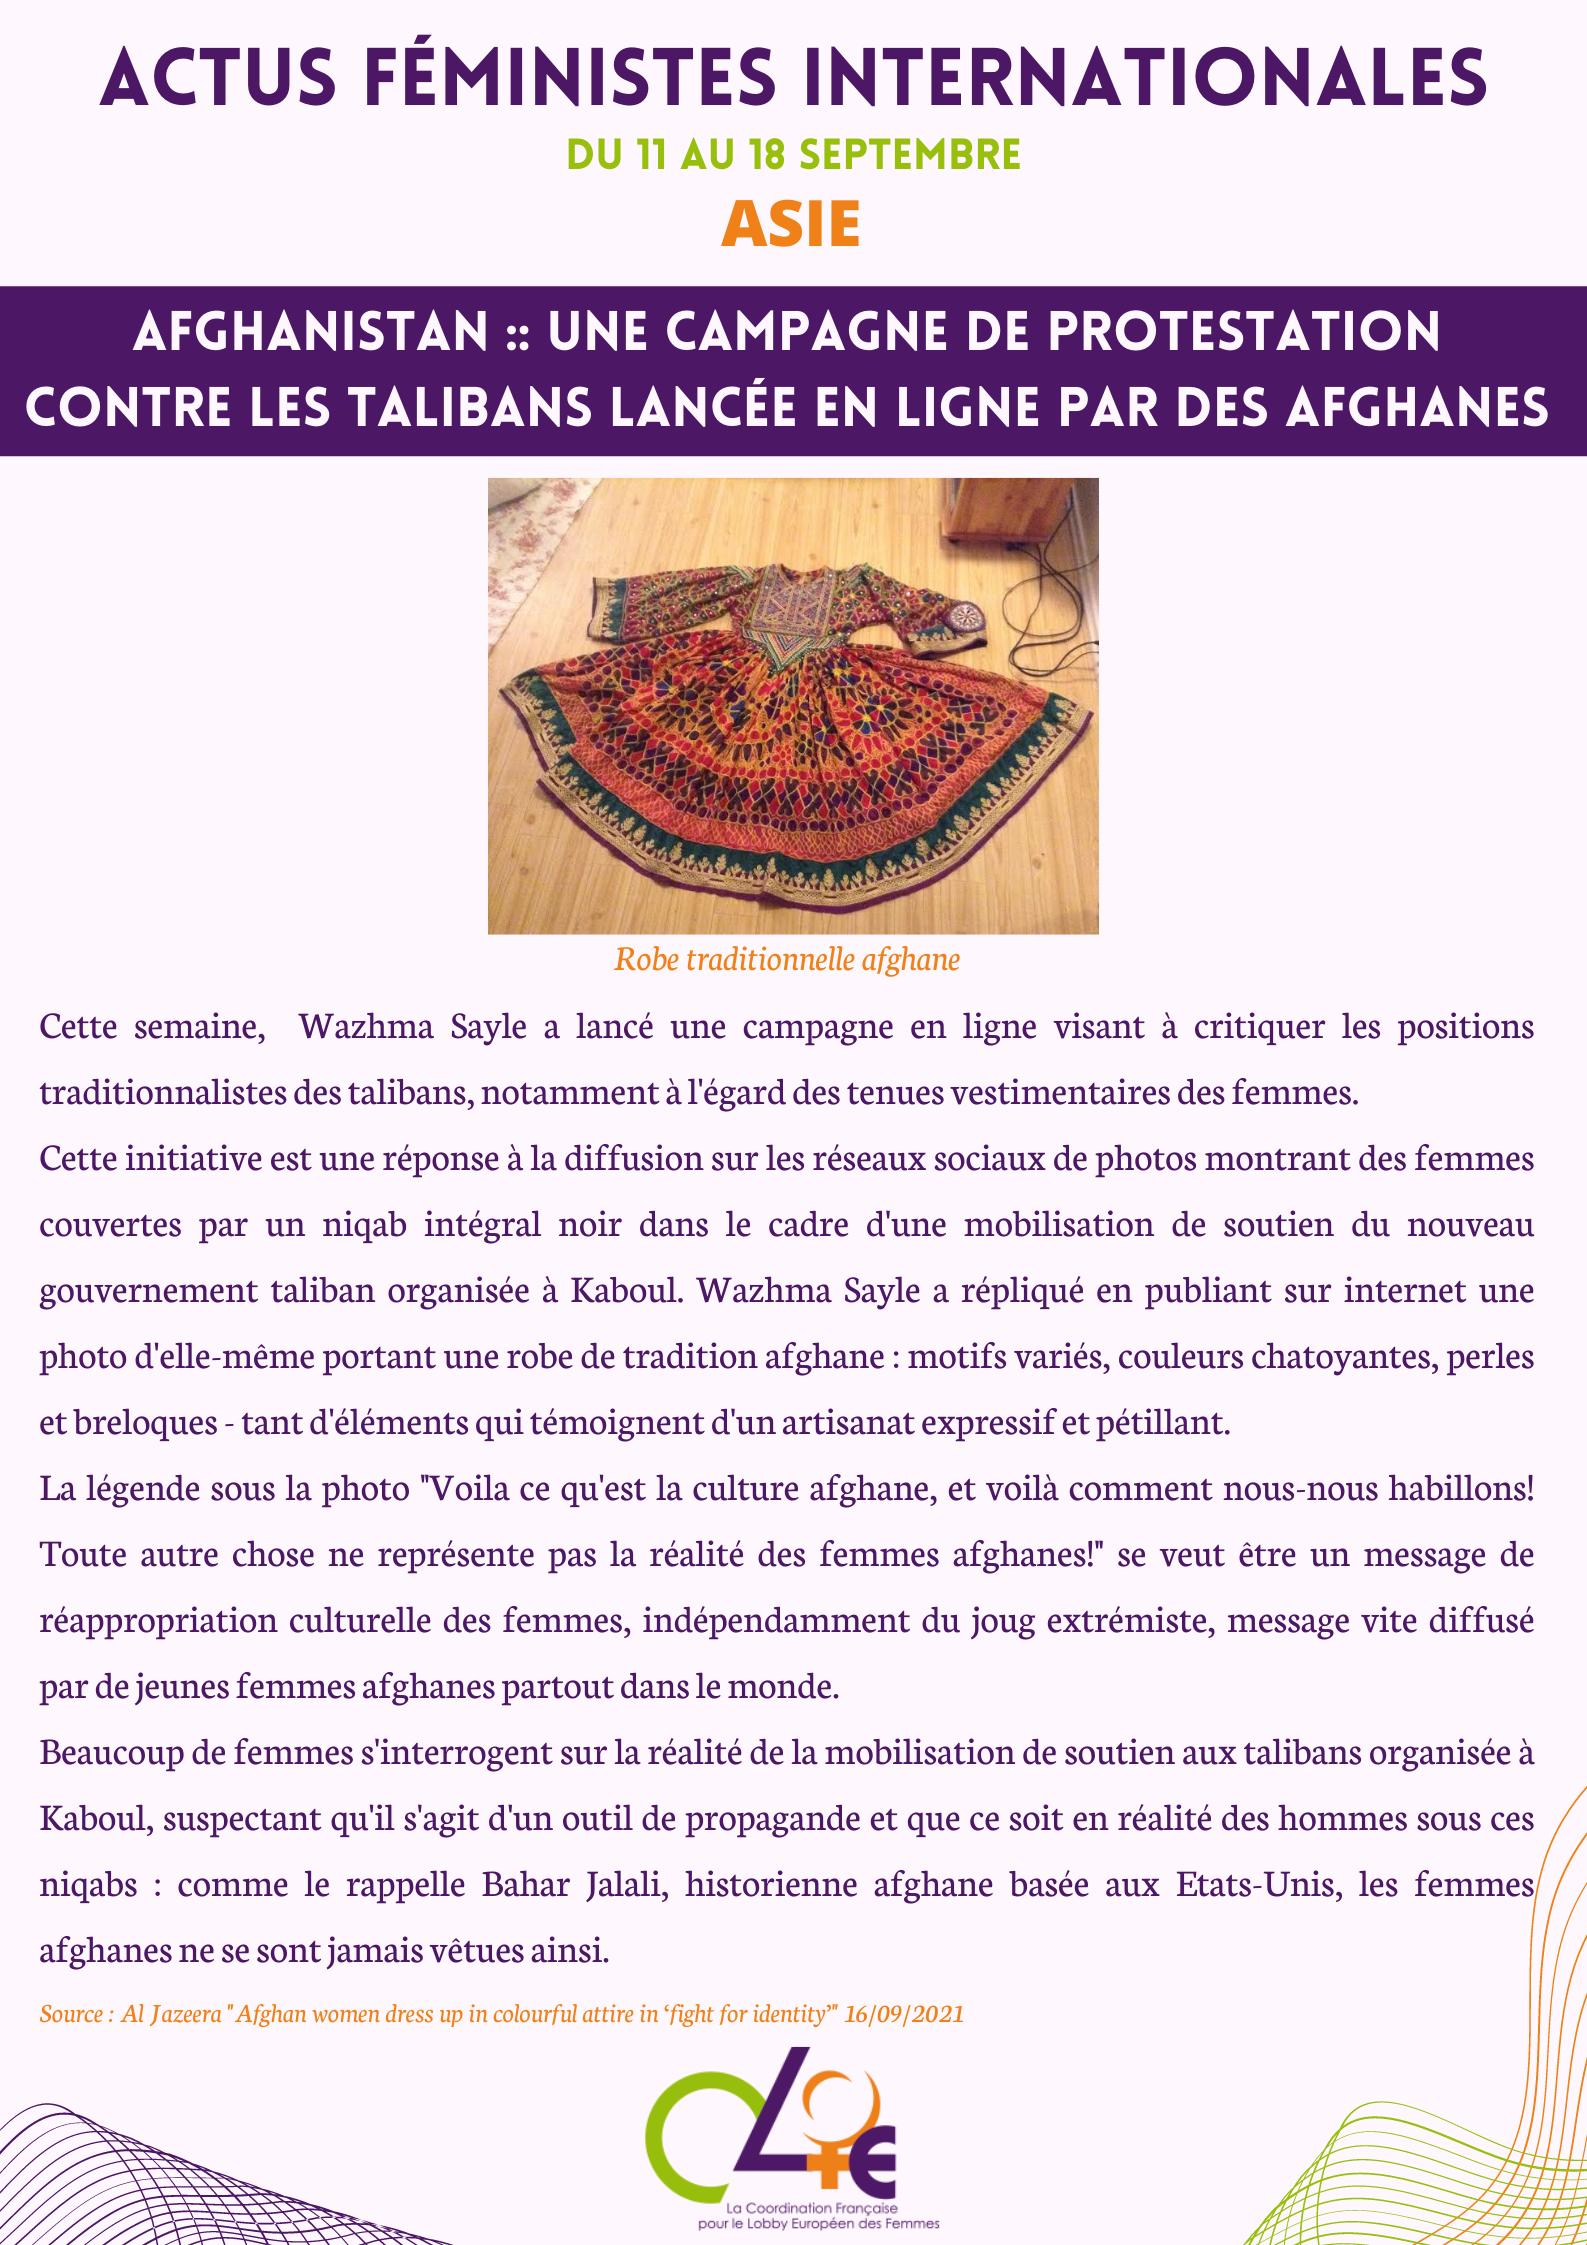 Actus féministes internationales (6)